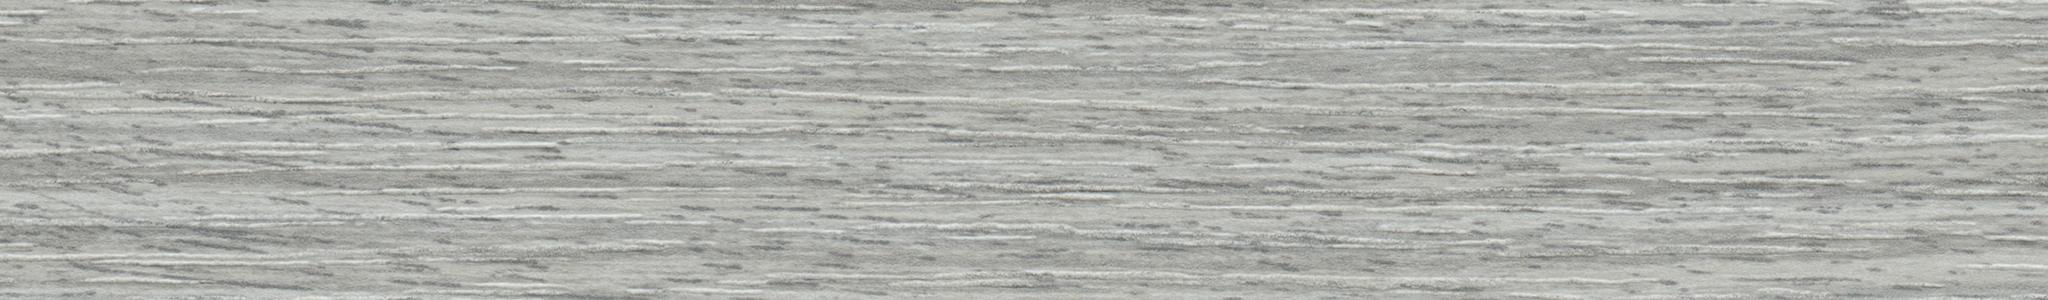 HD 24630 ABS Kante Dekor Grau Eiche Pore